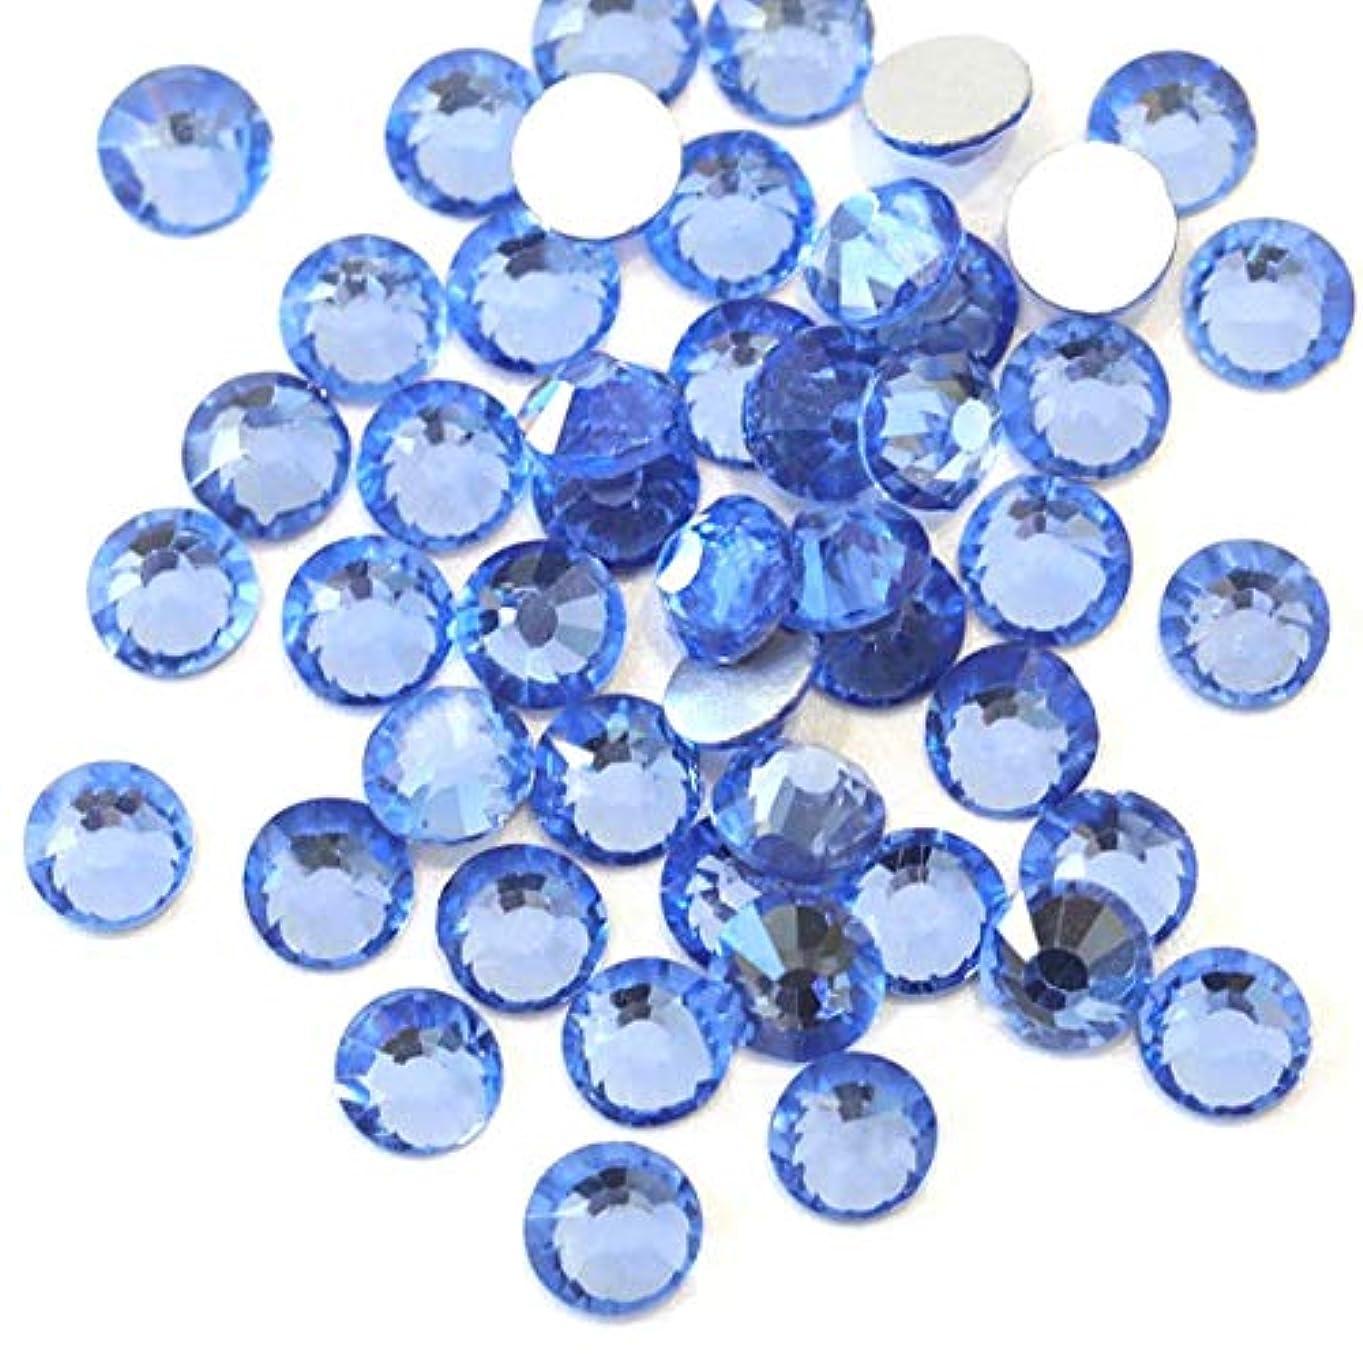 リーガンフォーマルミニ【ラインストーン77】高品質ガラス製ラインストーン ライトサファイア(1.5mm (SS4) 約200粒)